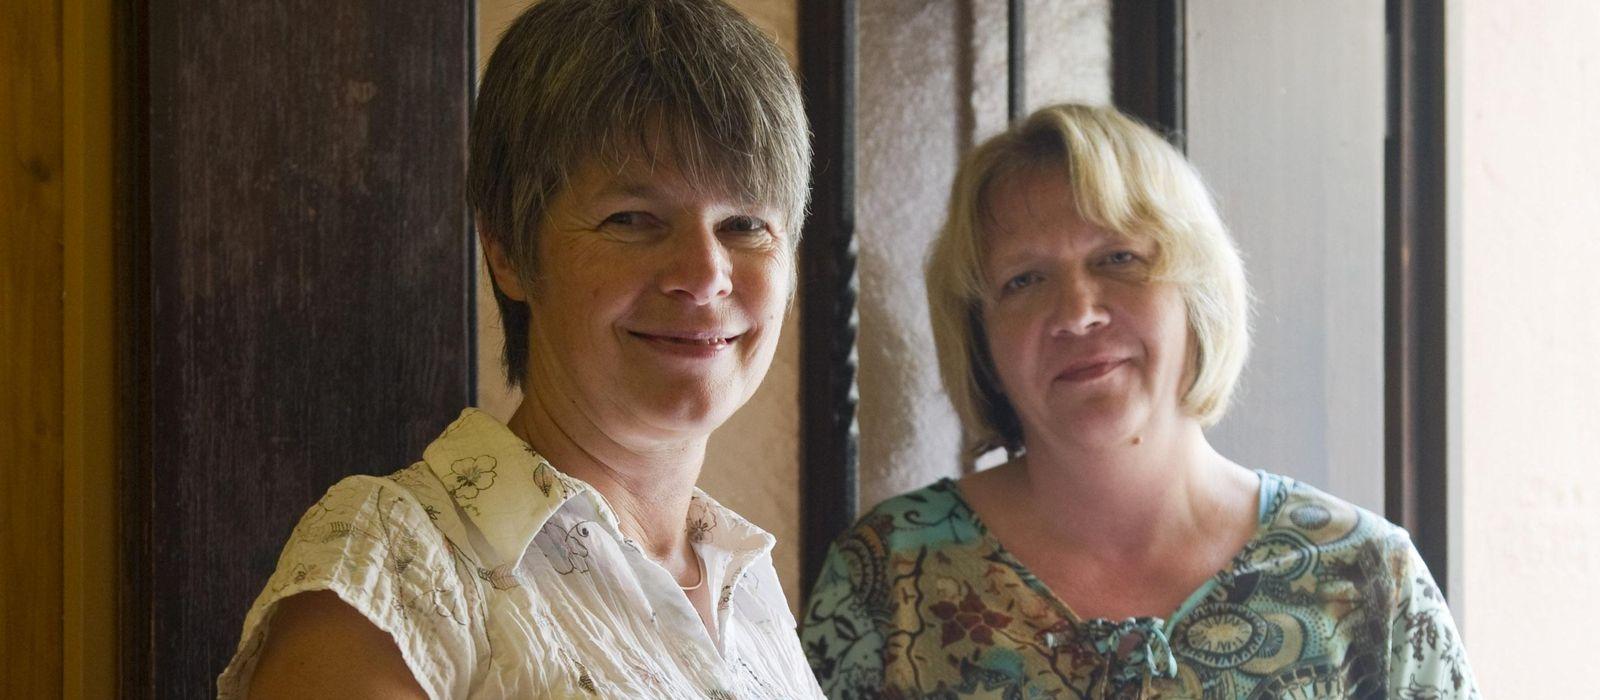 Zwei Frauen stehen in einer Tür und lächeln.